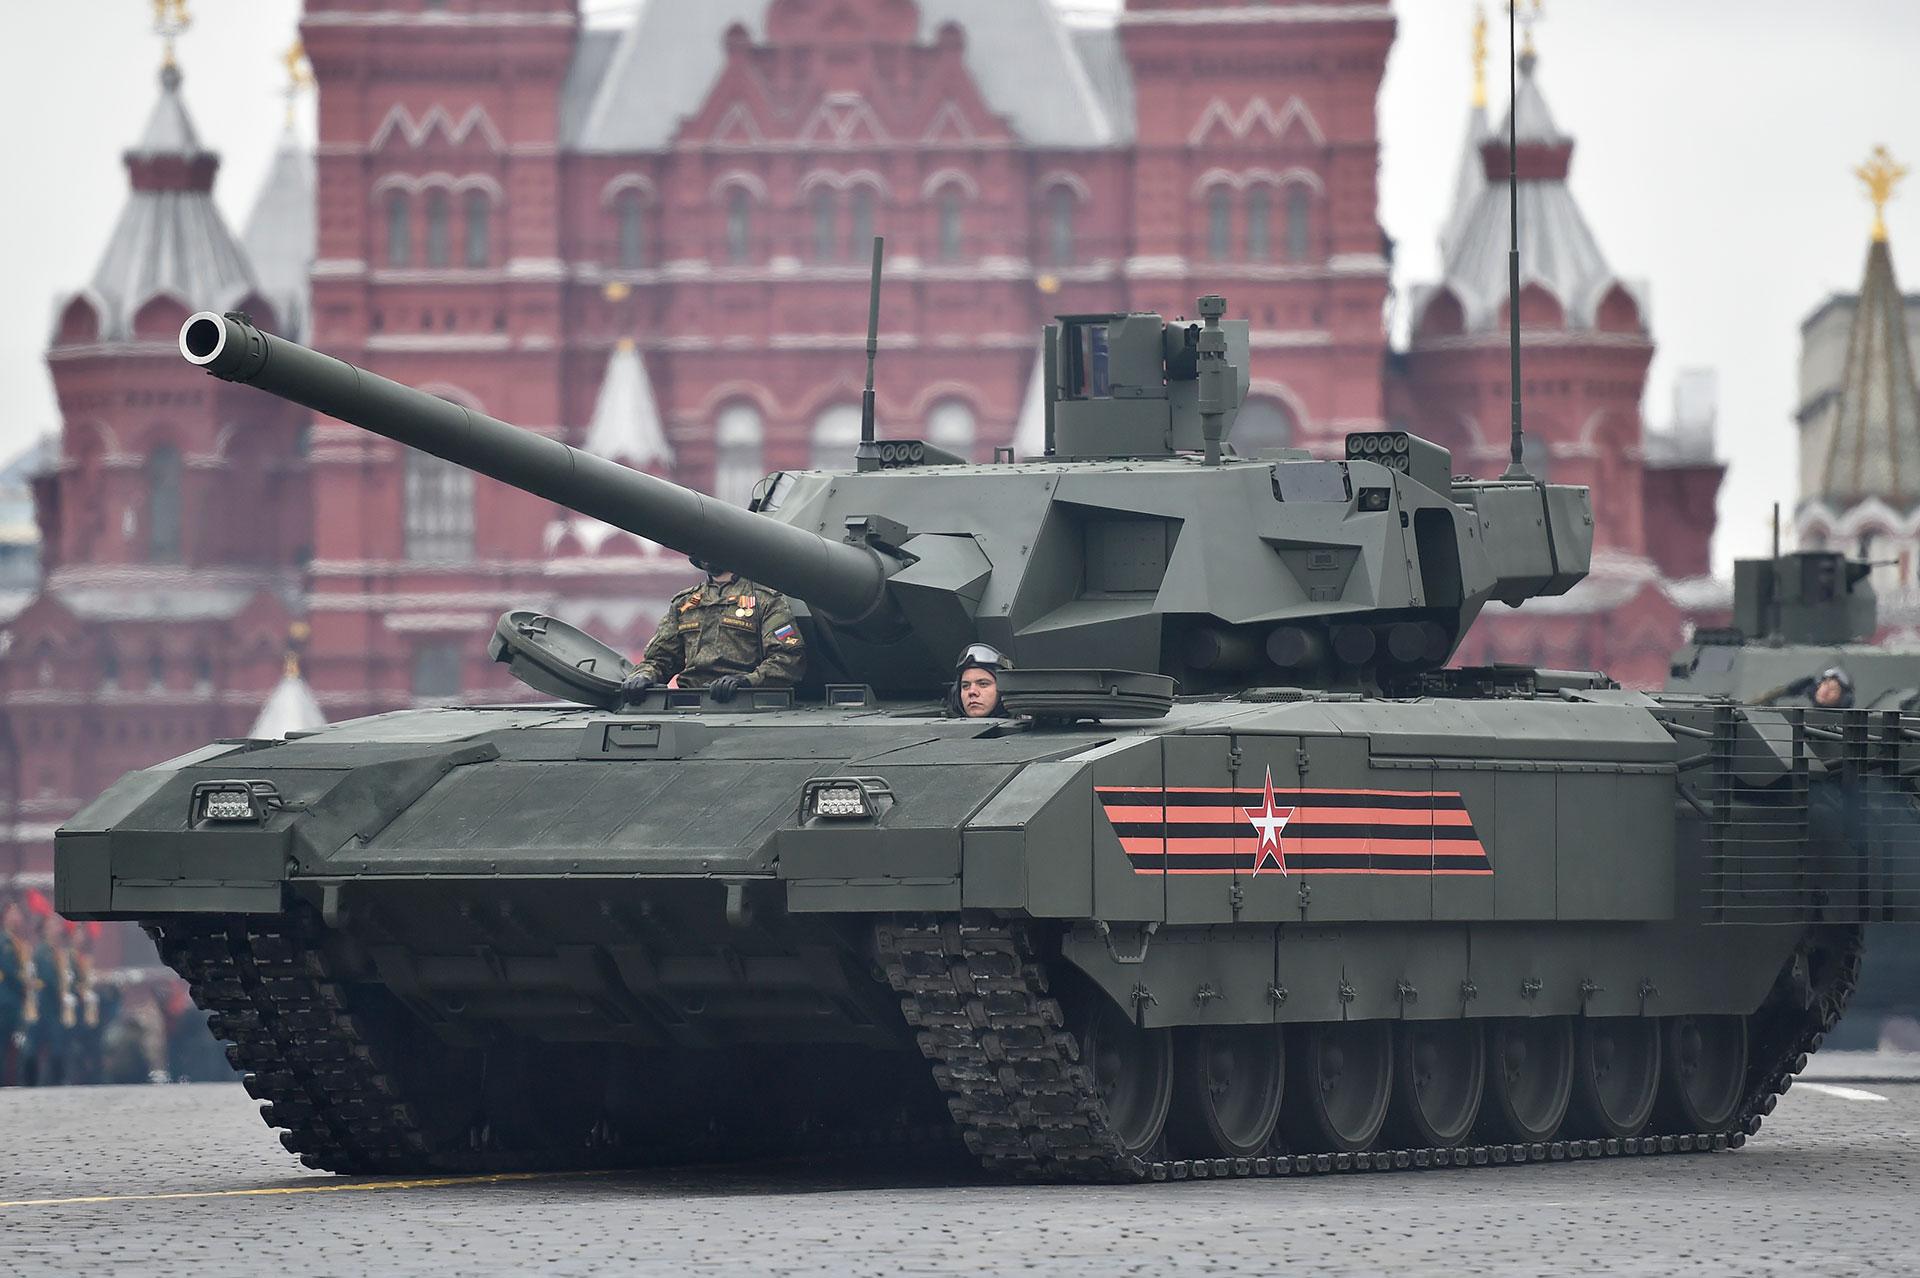 El futurista T-14 Armata es el tanque más moderno de Rusia y entró en servicio en 2016. Su torreta robotizada no está tripulada y su desempeño real es un misterio para sus rivales en la OTAN (AFP)